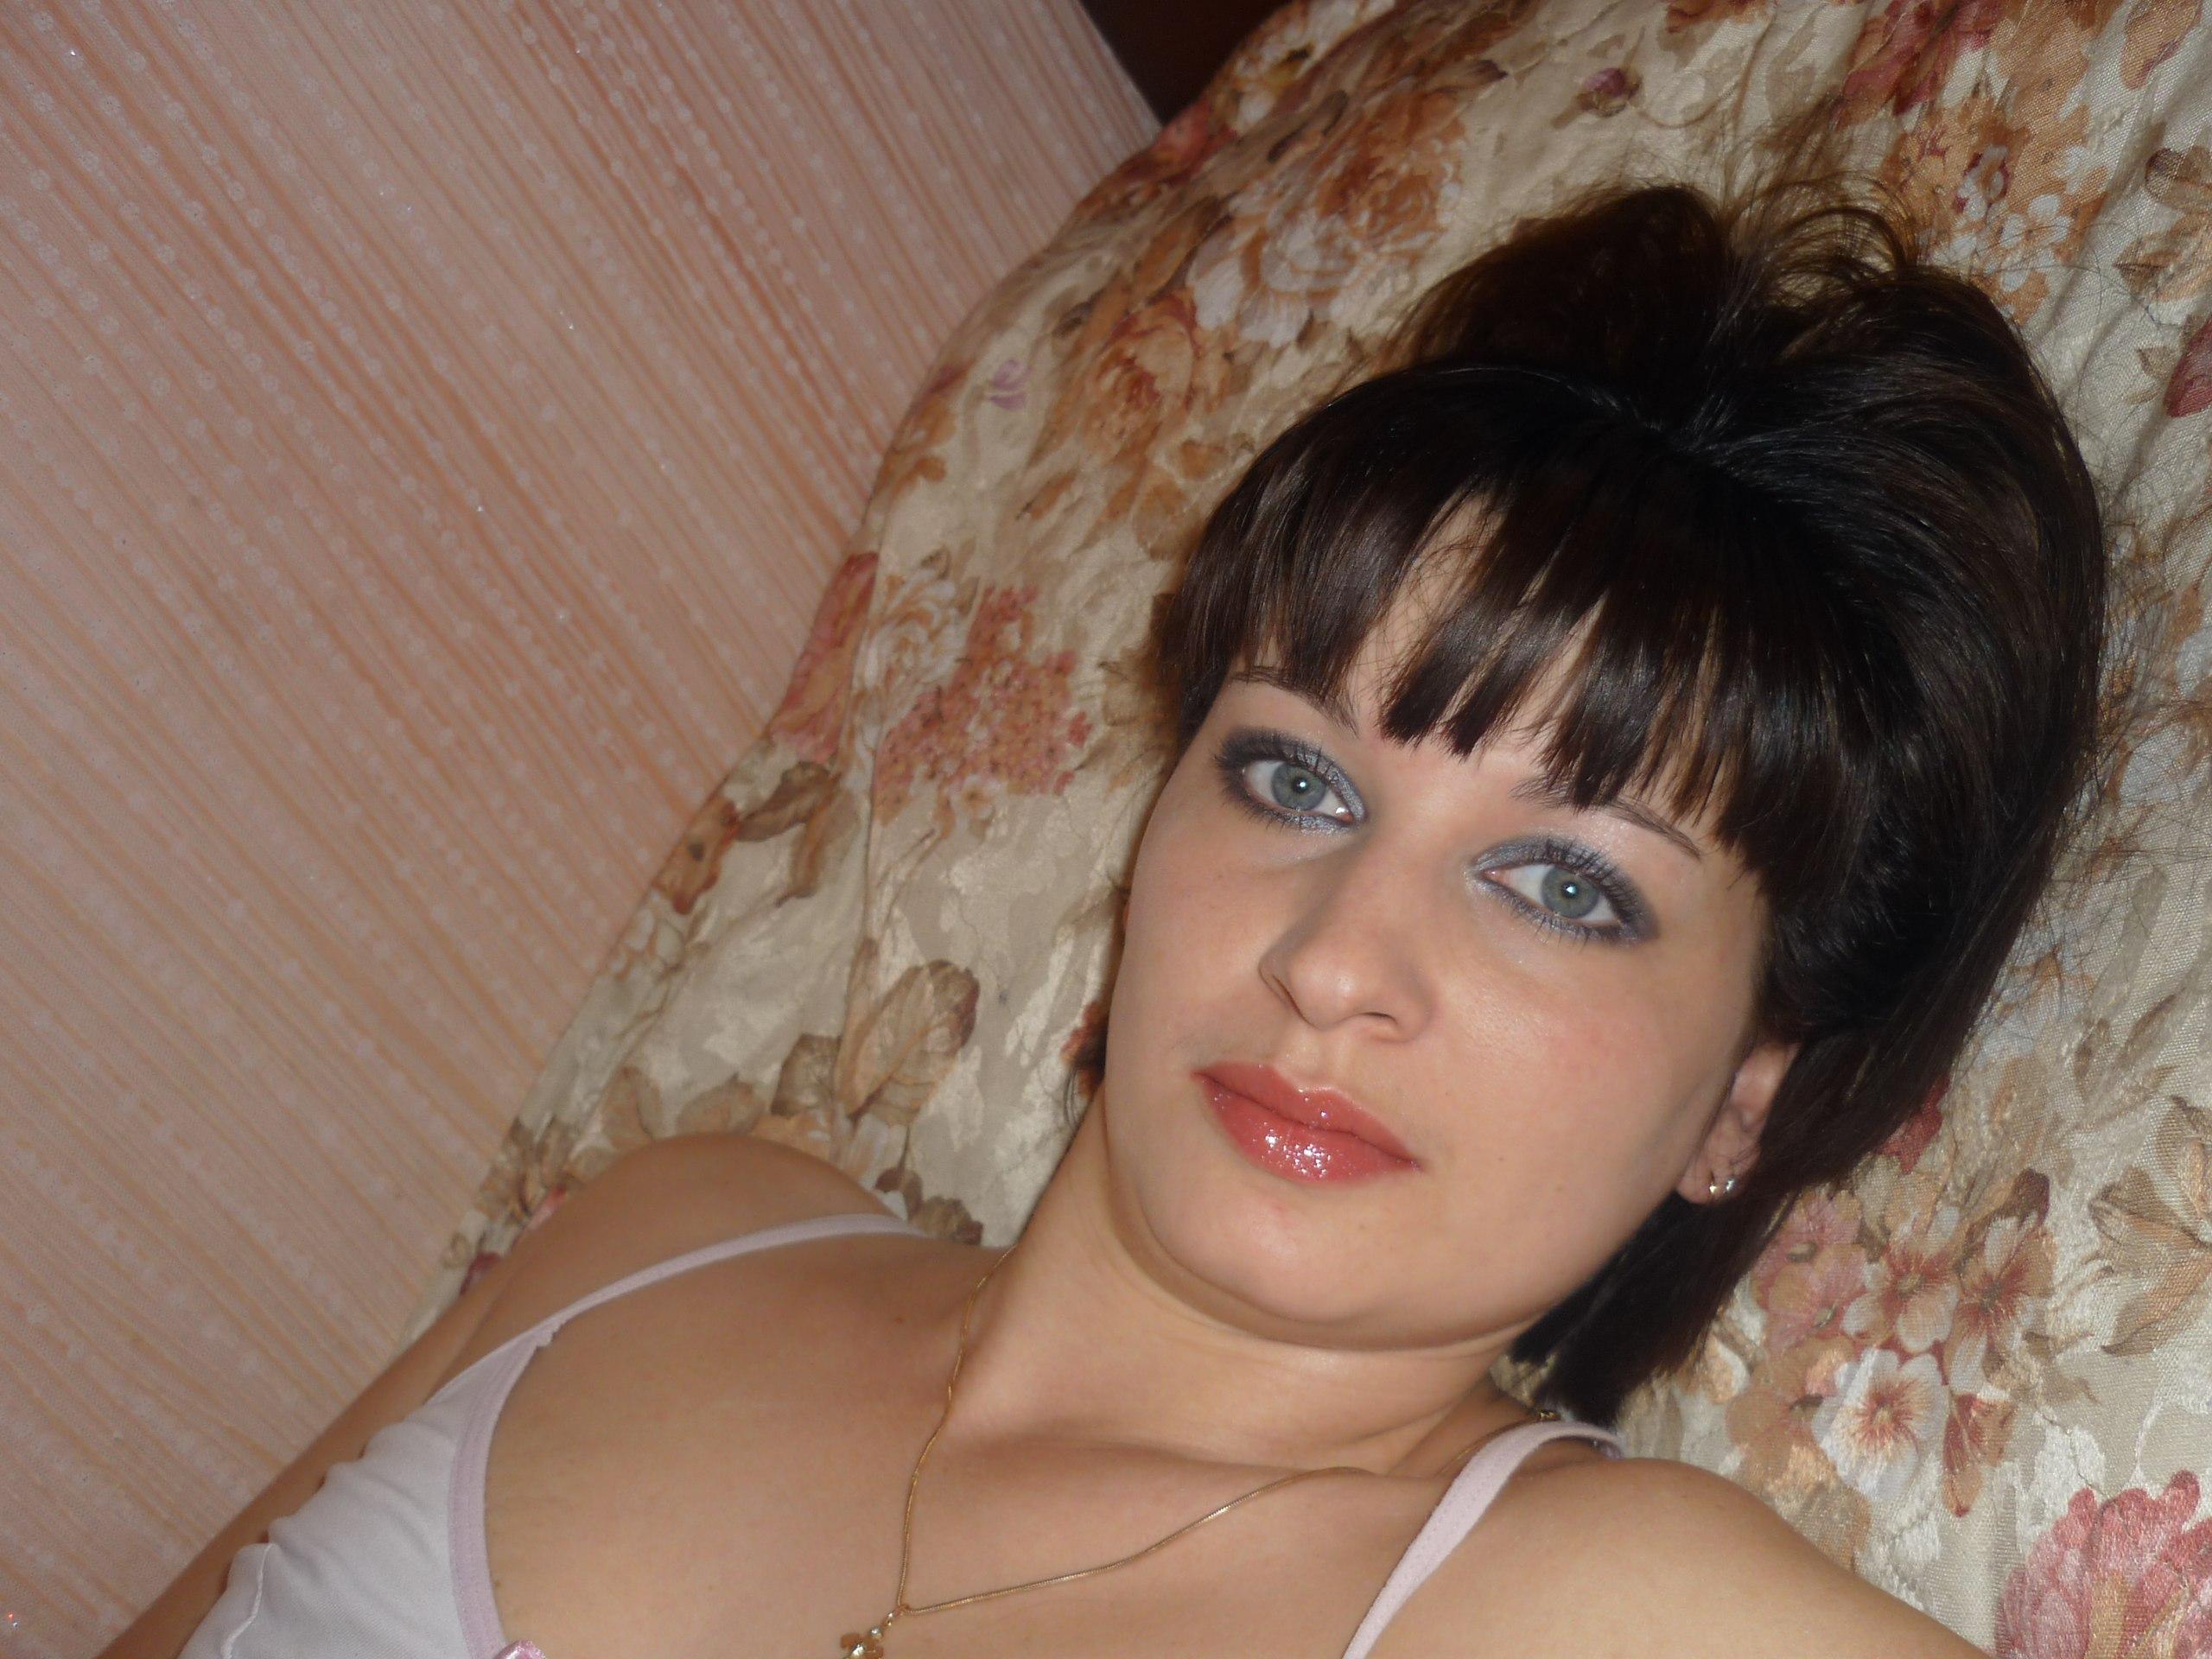 Шлюхи по вызову в находке, Недорогие проститутки Находки 11 фотография